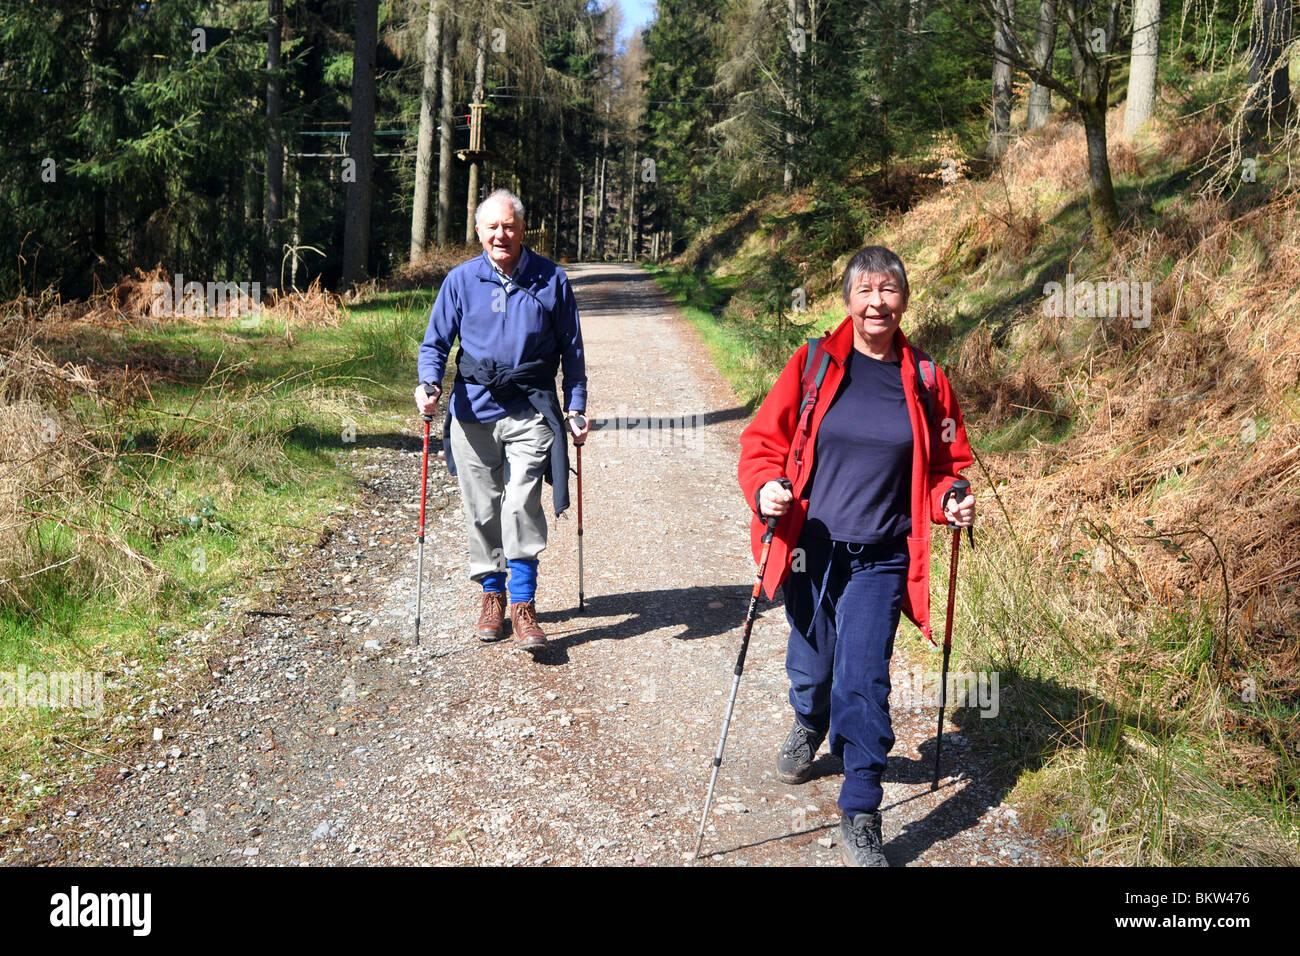 Aktive ältere Menschen gehen Bergwandern in the Trossachs National Park, Schottland Stockbild